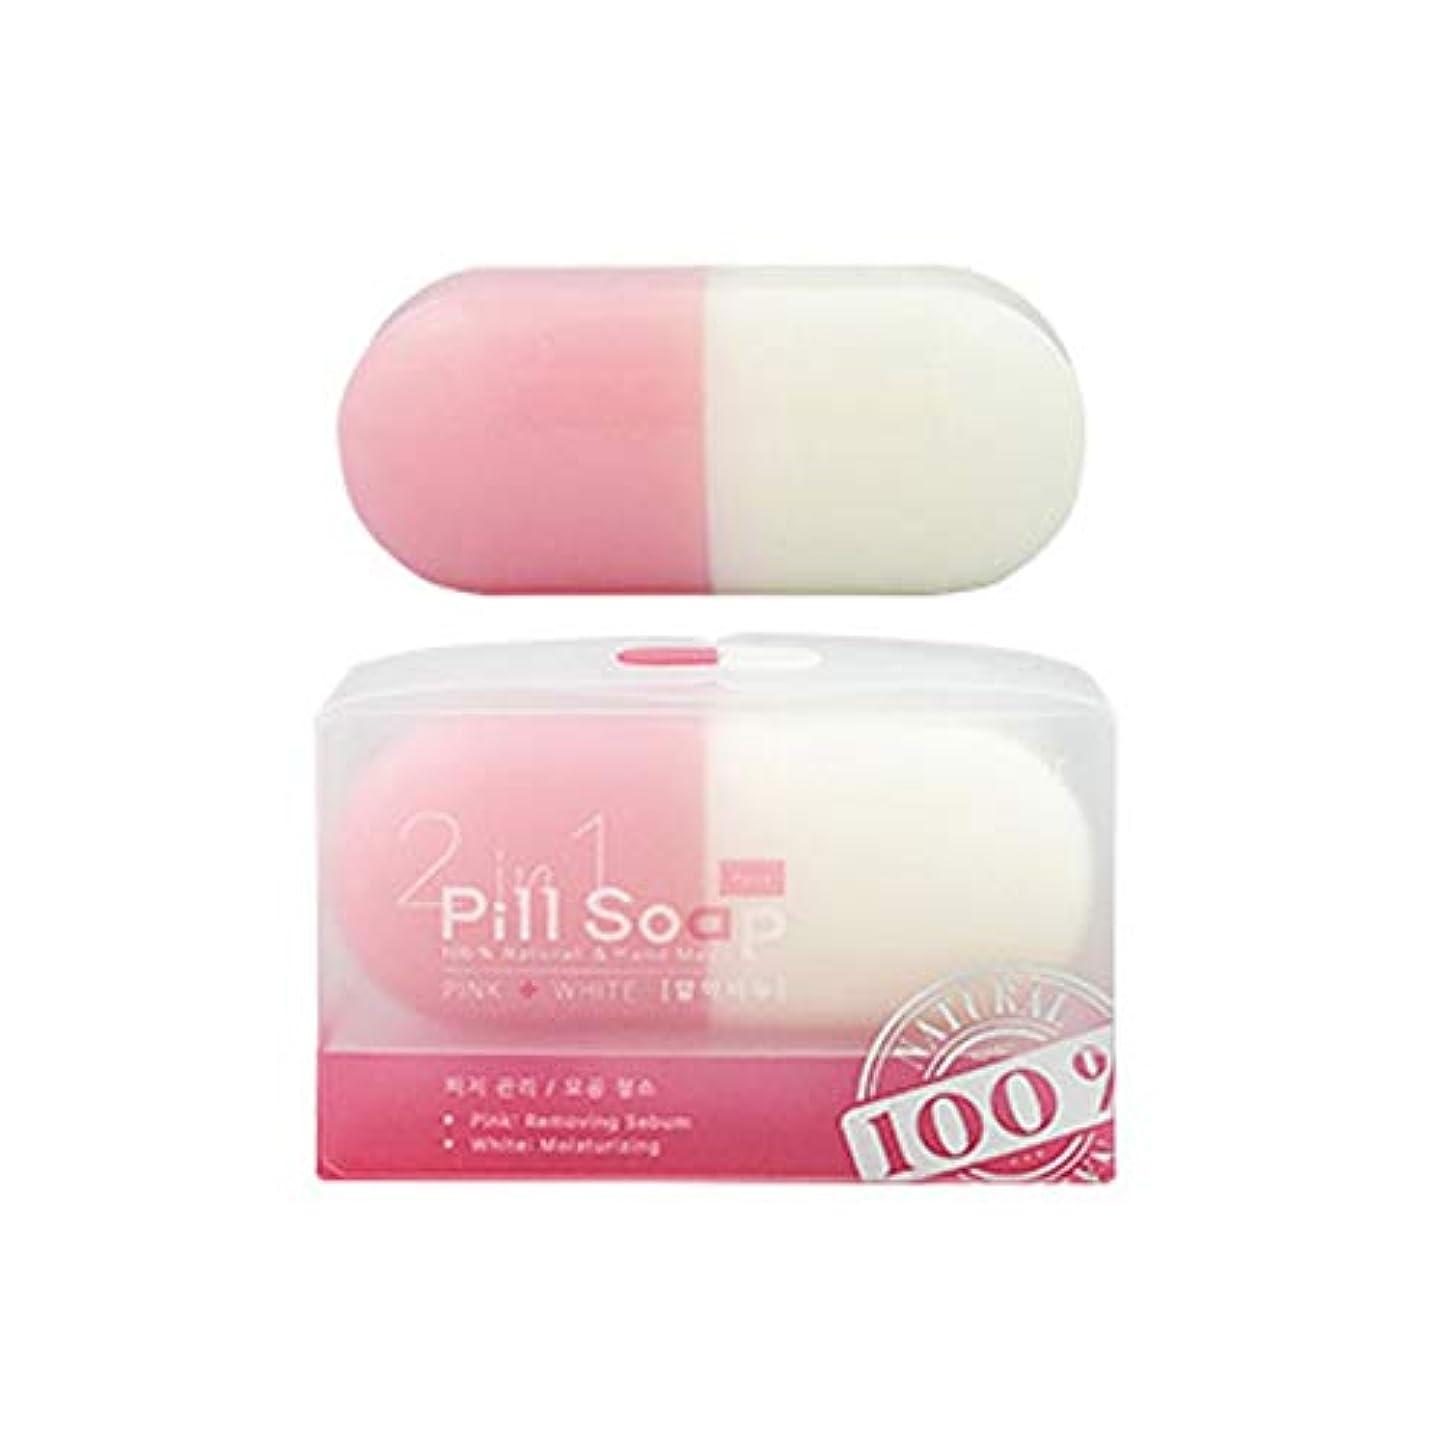 本部速度焼くMINI RABBIT ミニラビット カプセルソープ 100g 韓国コスメ 皮脂 角質 美白 石けん ピンク